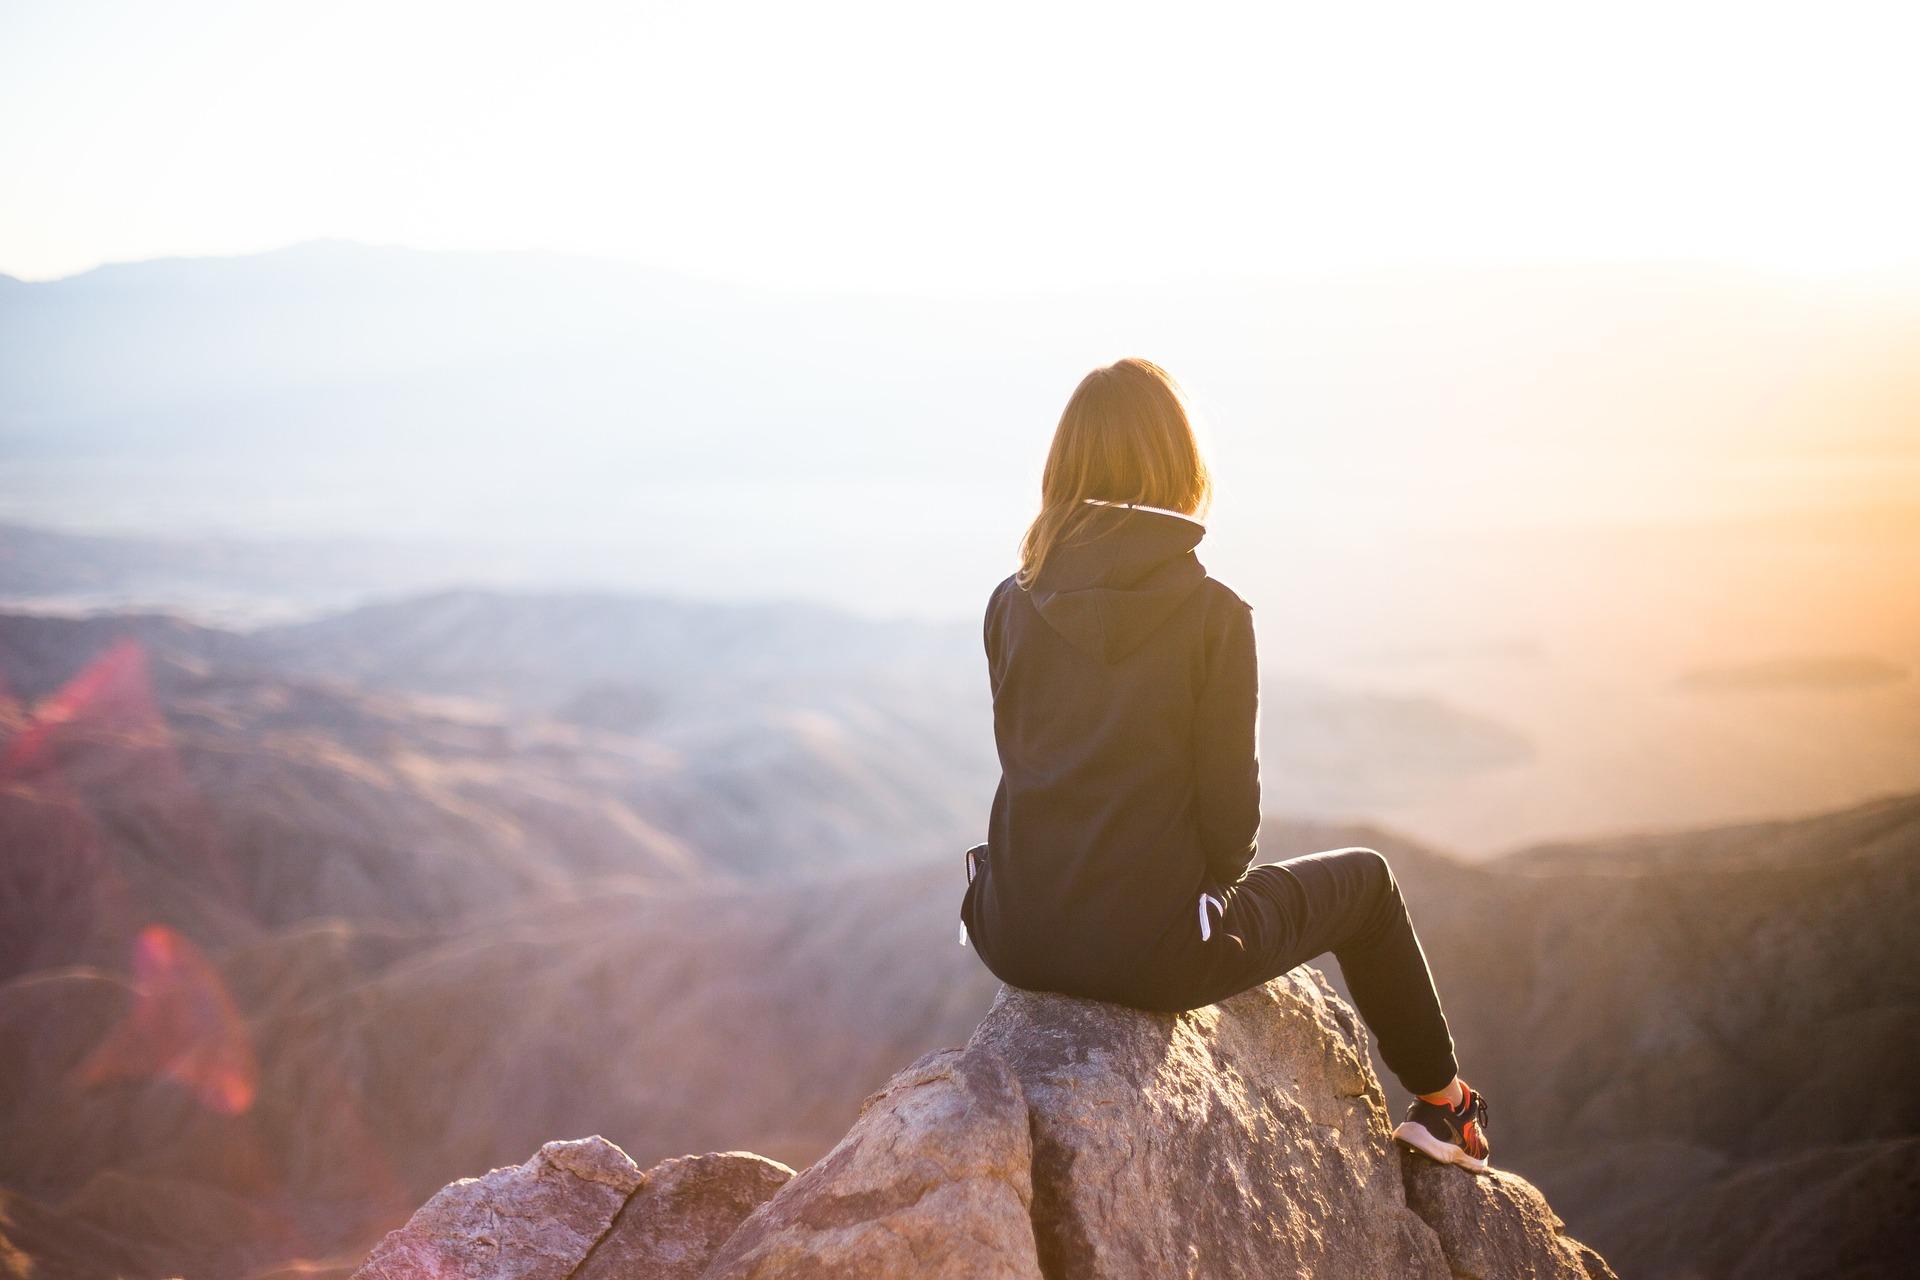 woman, mountain, sunset